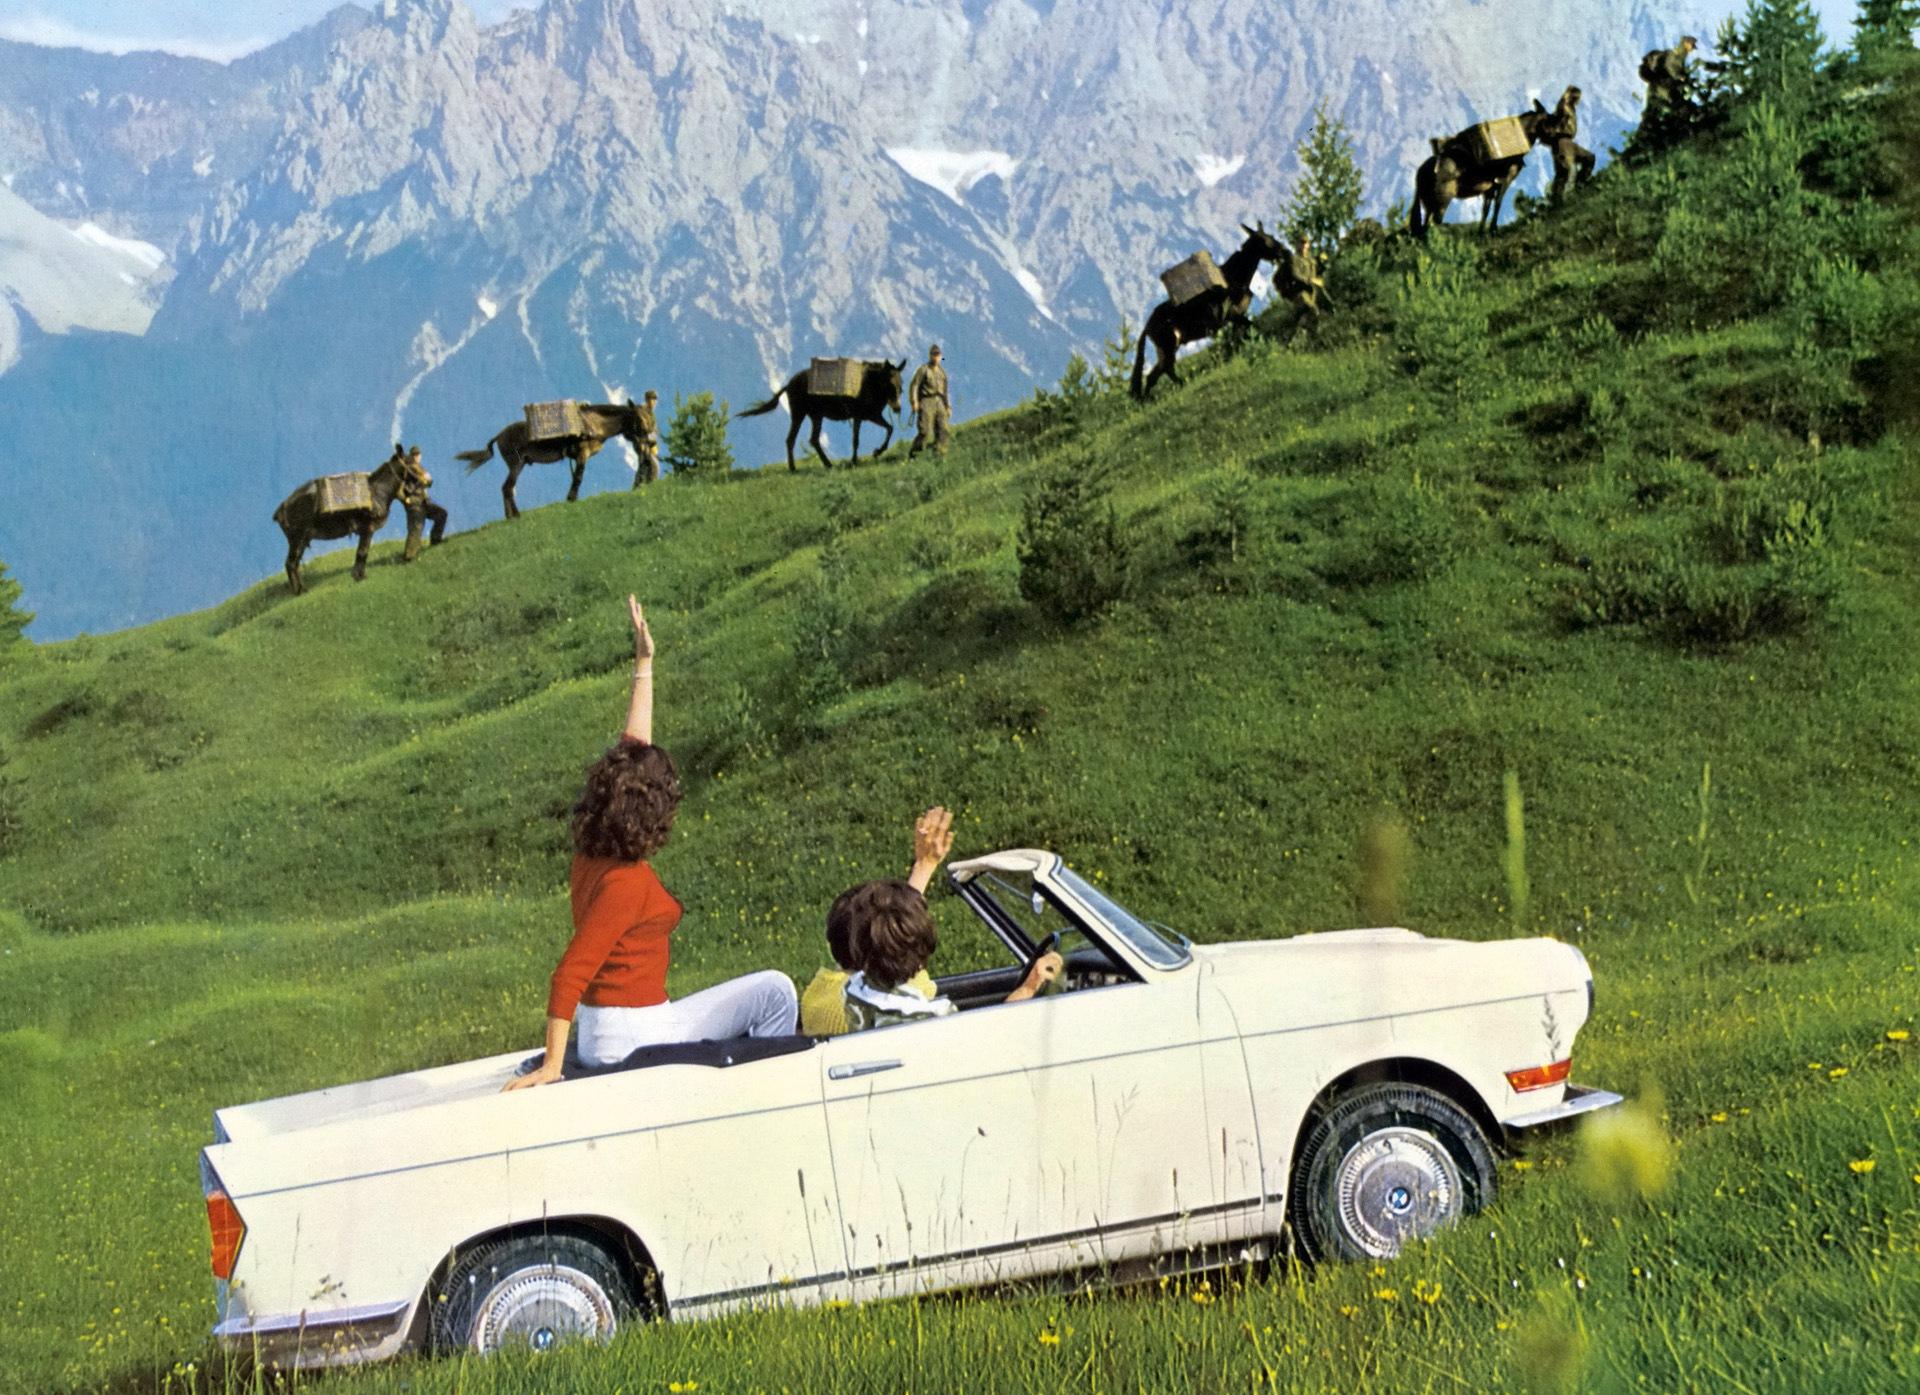 Двухдверный заднемоторный BMW 700 — автомобиль, завершивший серию компактных недорогих машин массового спроса (1959 г.)